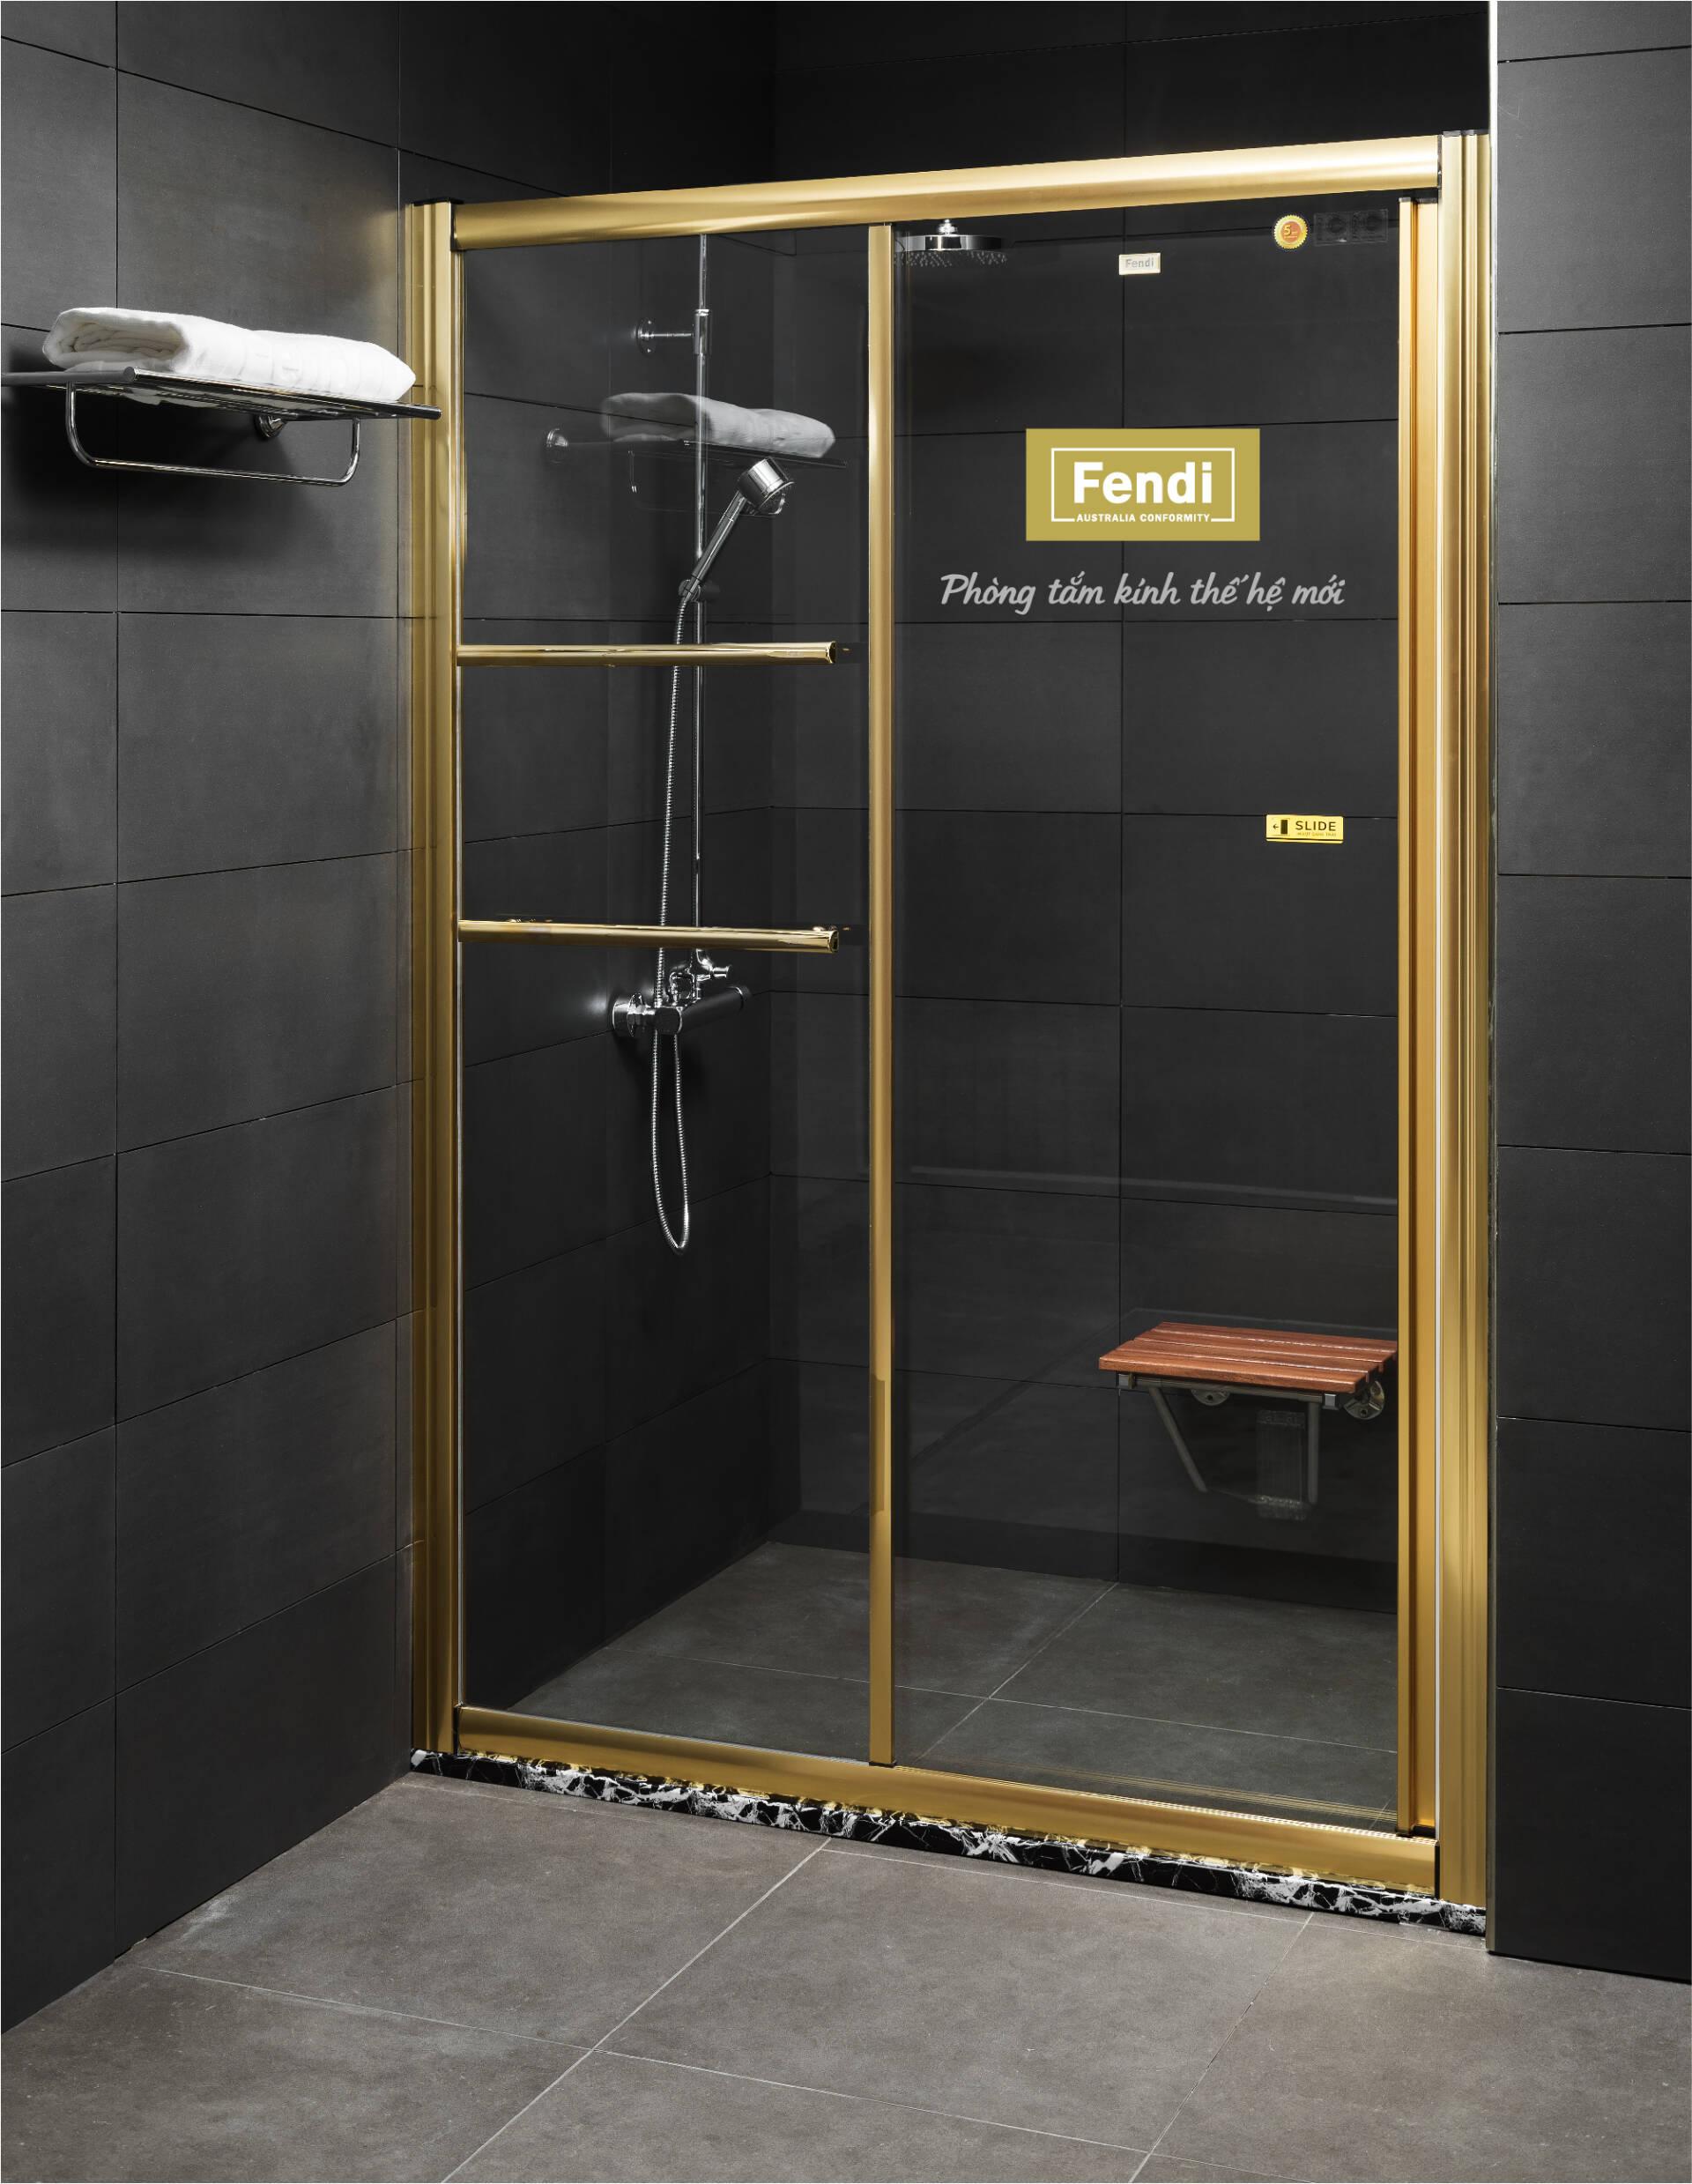 Phòng tắm diện tích nhỏ có thể thiết kế phòng tắm kính cửa lùa để tiết kiệm không gian